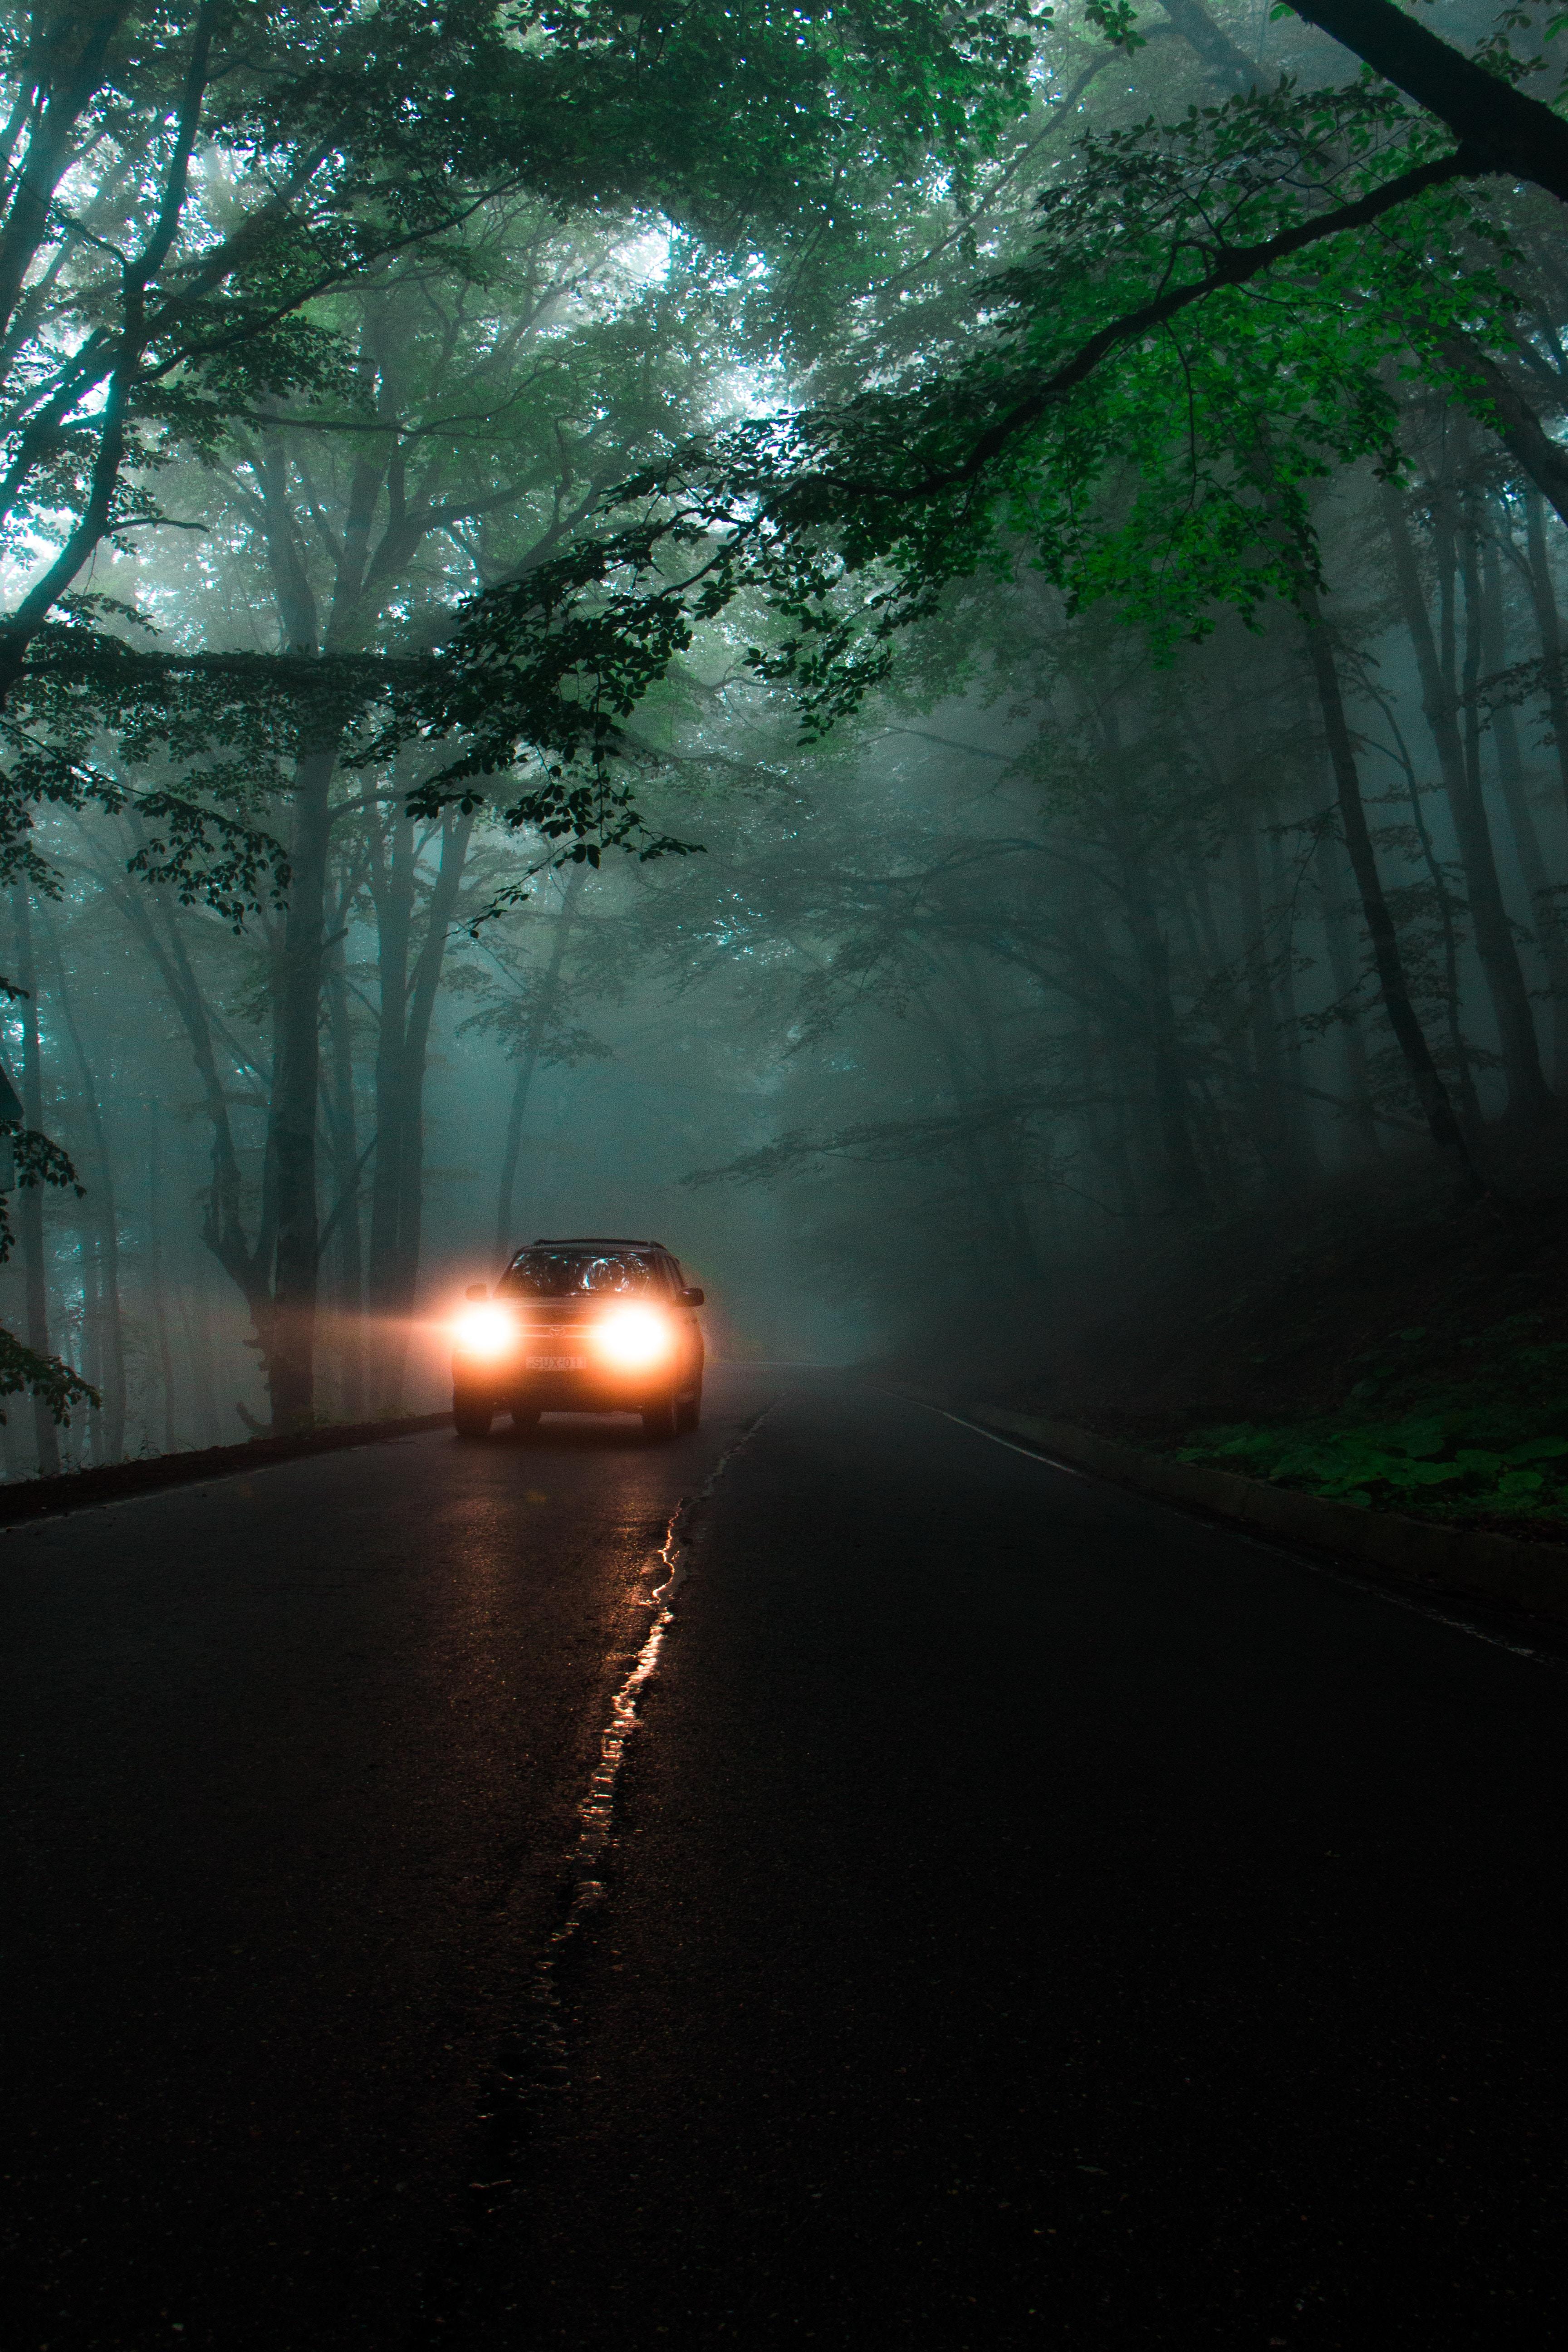 67624 Заставки и Обои Фары на телефон. Скачать Автомобиль, Темные, Деревья, Свет, Дорога, Туман, Фары картинки бесплатно